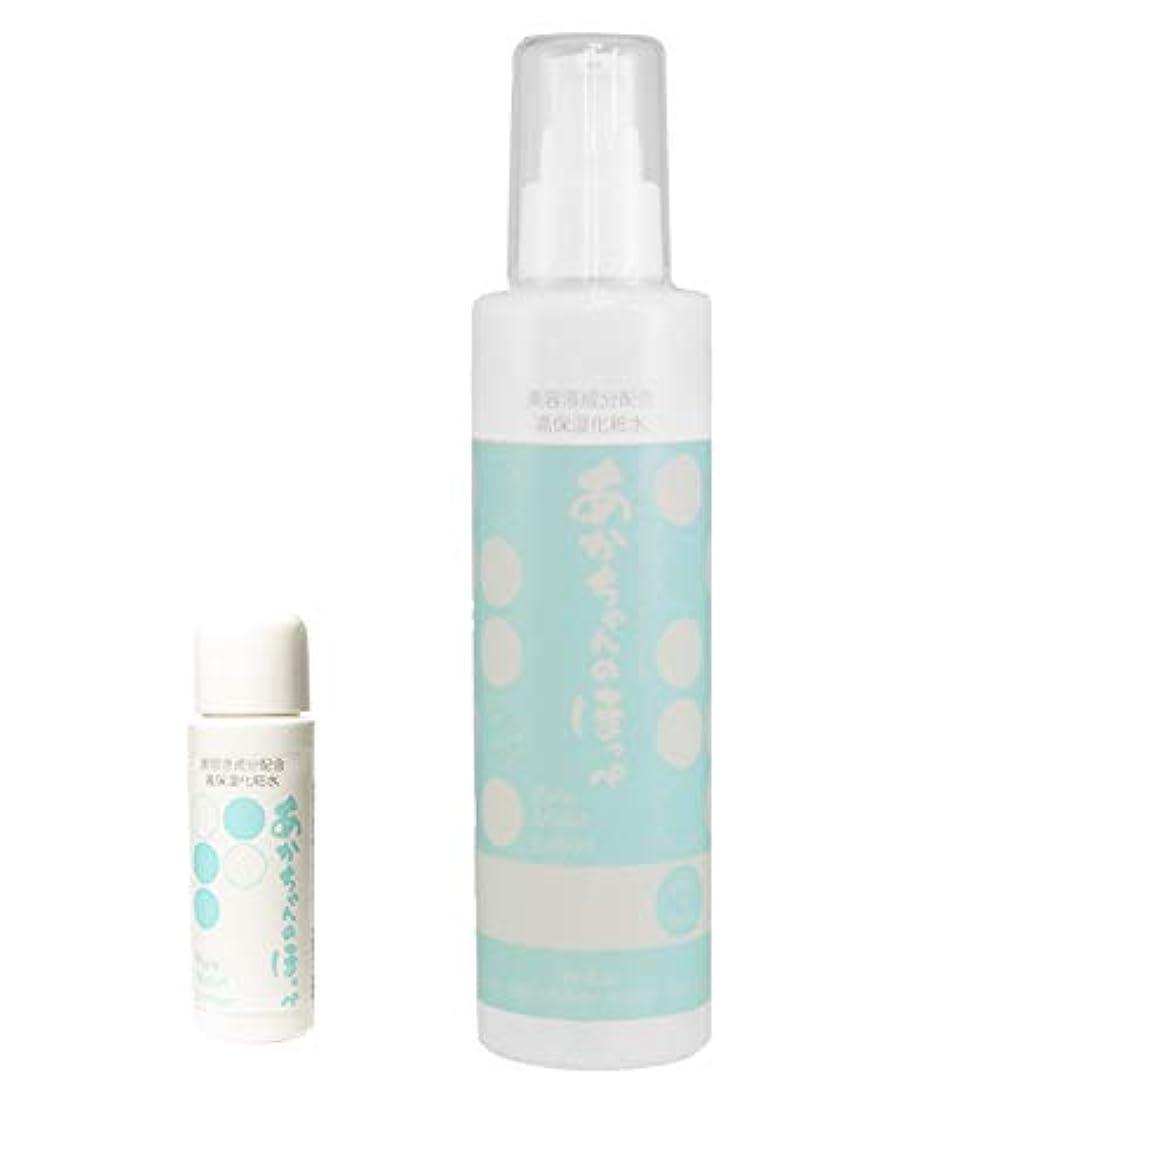 ジャンク扱う協力美容液からつくった高保湿栄養化粧水 「あかちゃんのほっぺ」 PureMoist 200ml 明日のお肌が好きになる化粧水